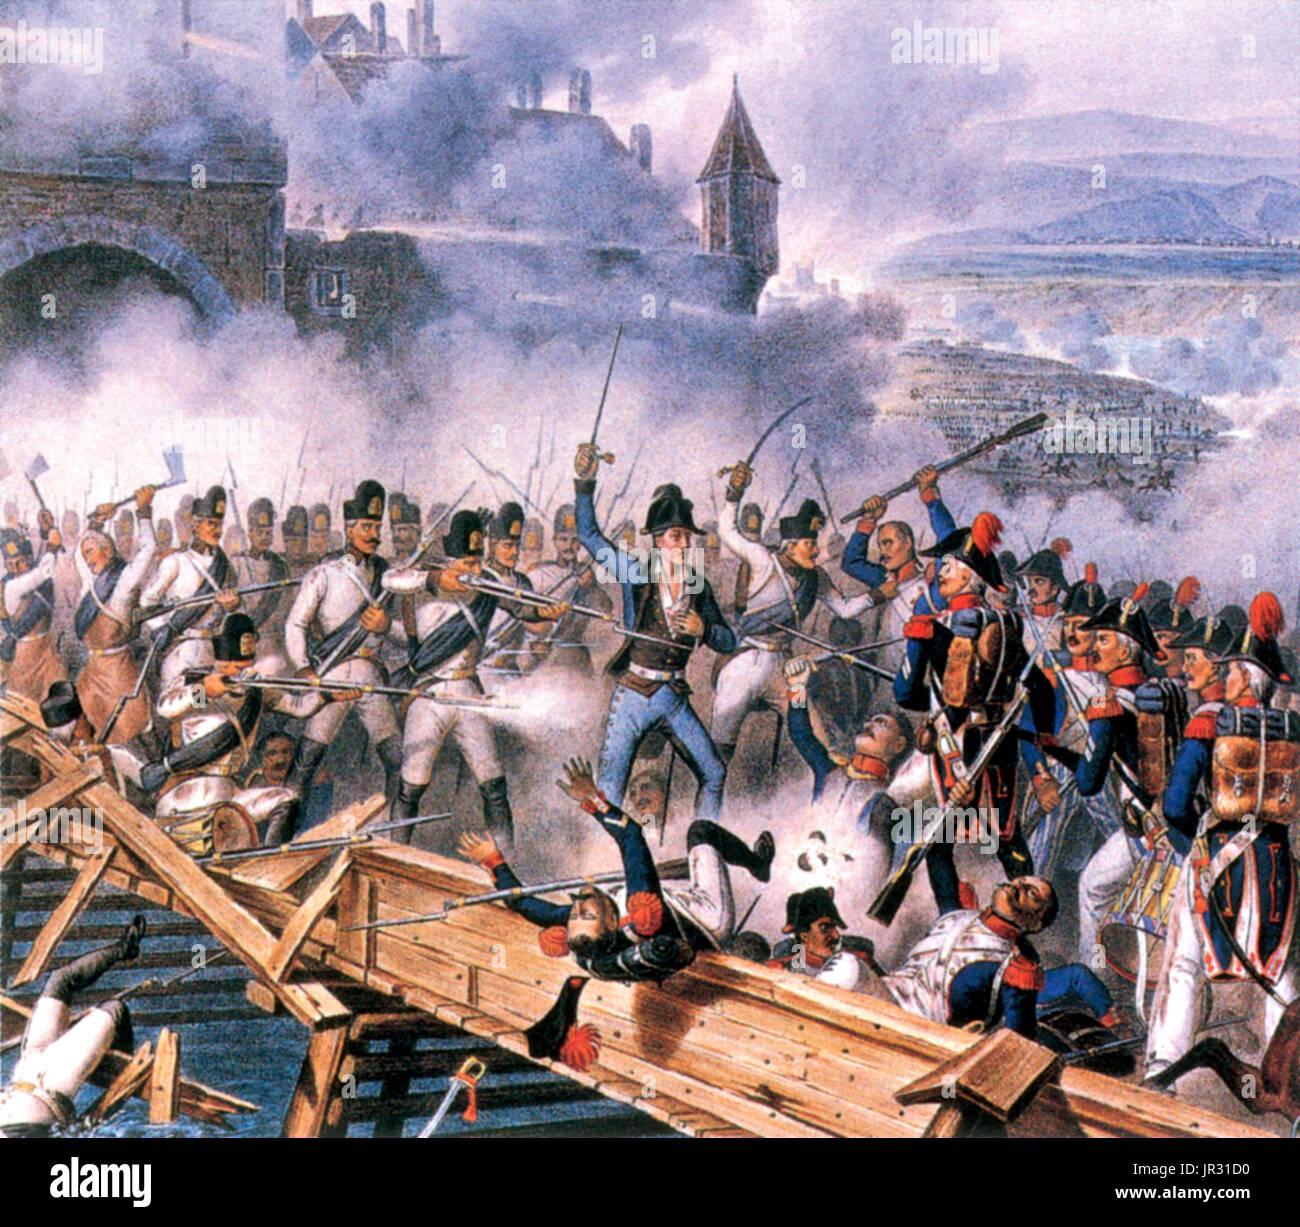 La batalla de Ebelsberg, conocida en francés cuentas como la Batalla de Ebersberg, se libró durante la Guerra de la Quinta Coalición, parte de las guerras napoleónicas. Separada de la principal ejército austríaco por las batallas de Abensberg y Landshut Feldmarschall-Leutnant Hiller se retiraron al este de Linz, con los tres cuerpos del ala izquierda. Los principales elementos del Mariscal Masséna's corps invadieron el protector trasero del Hiller en la orilla oeste del Traun en la mañana del 3 de mayo de 1809. En la ruta que siguió, la primera brigada de infantería francesa acometieron a los 1800 pies de largo puente y se metió en las calles de Ebelsberg. Mantener Foto de stock